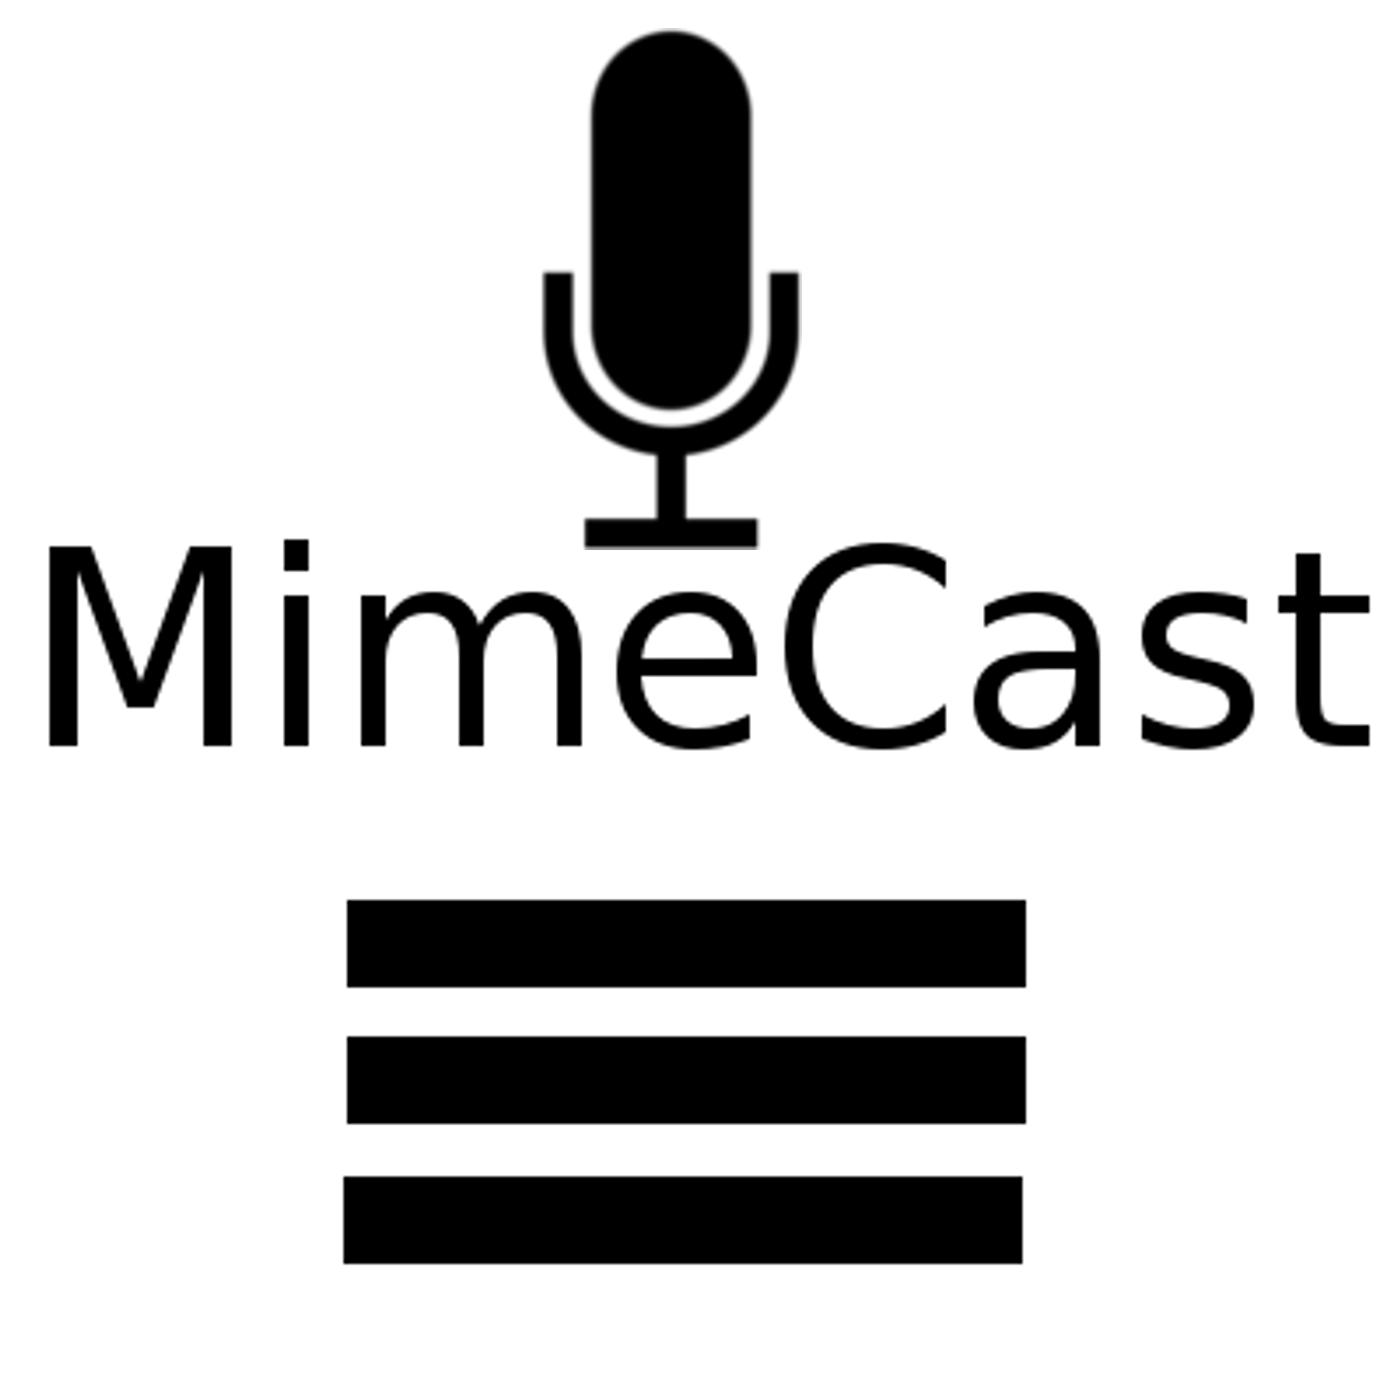 Mimecast!